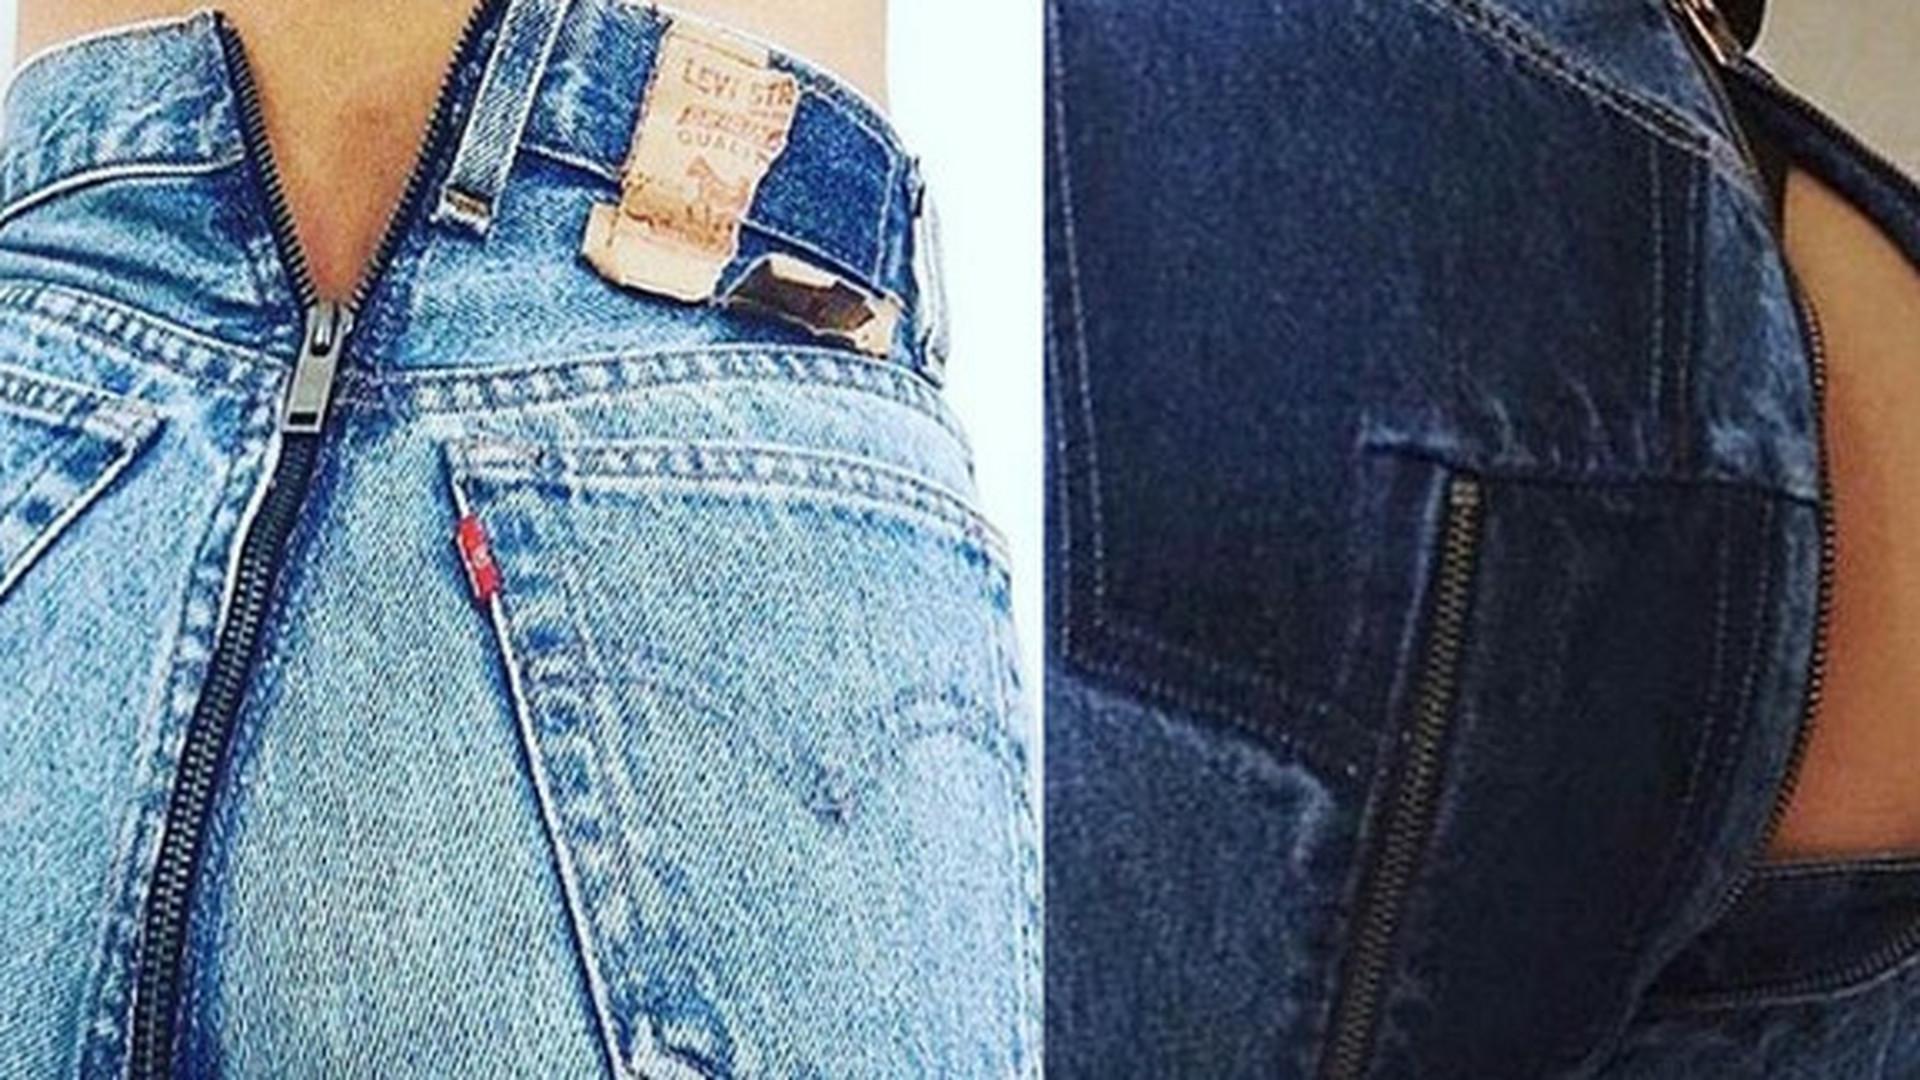 bb3224a6 Spodnie z suwakiem na pupie od Vetements i Levi's - Noizz